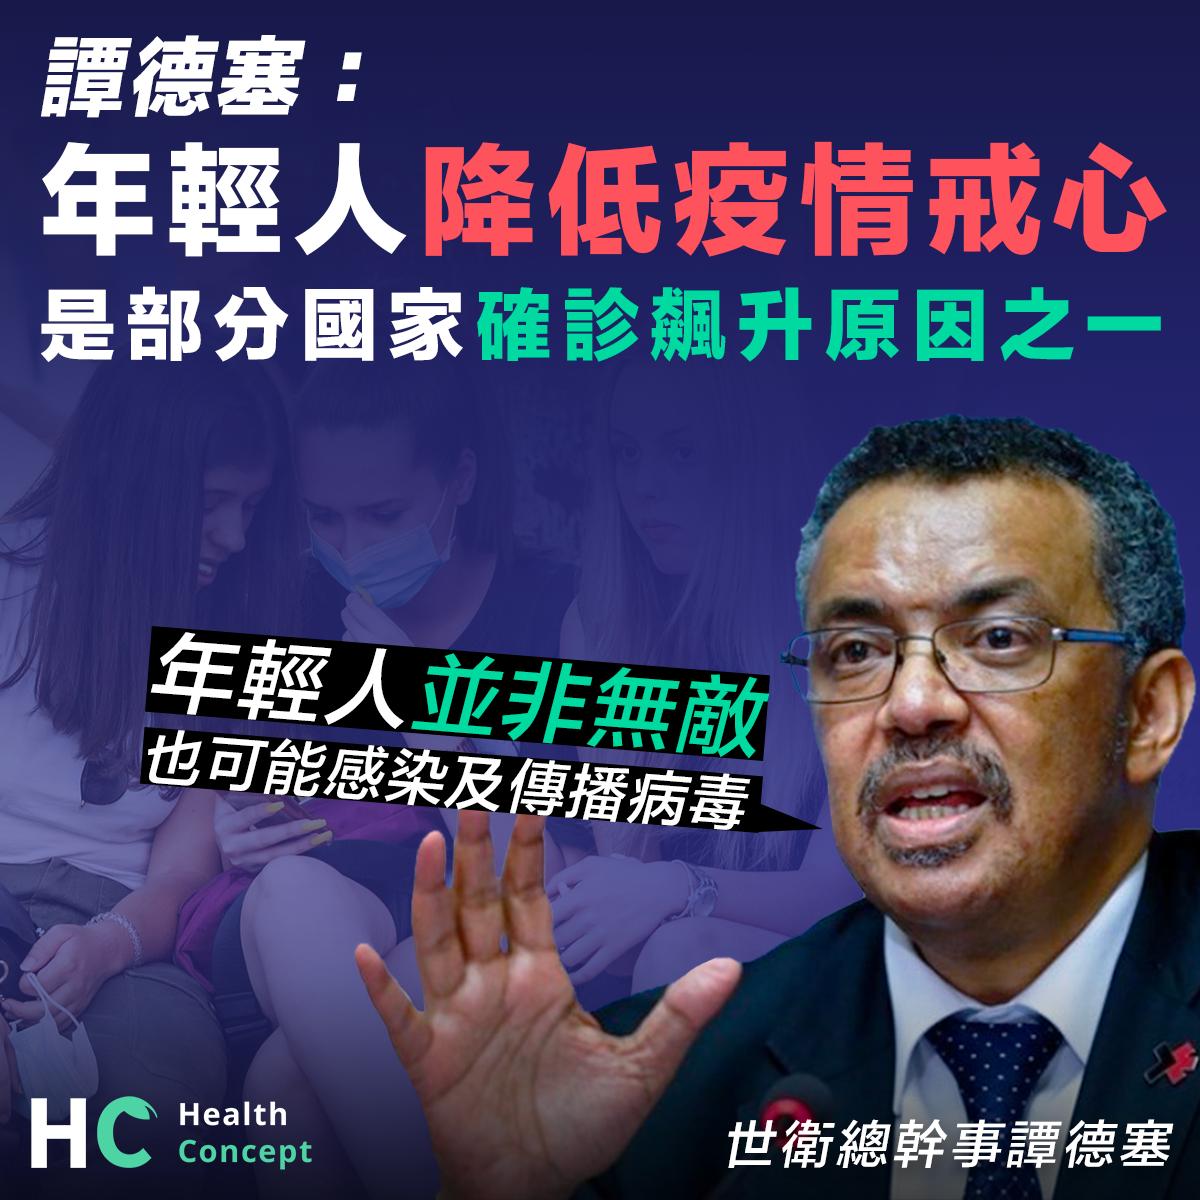 【#新型肺炎】譚德塞:年輕人降低疫情戒心 是部分國家確診數飆升原因之一